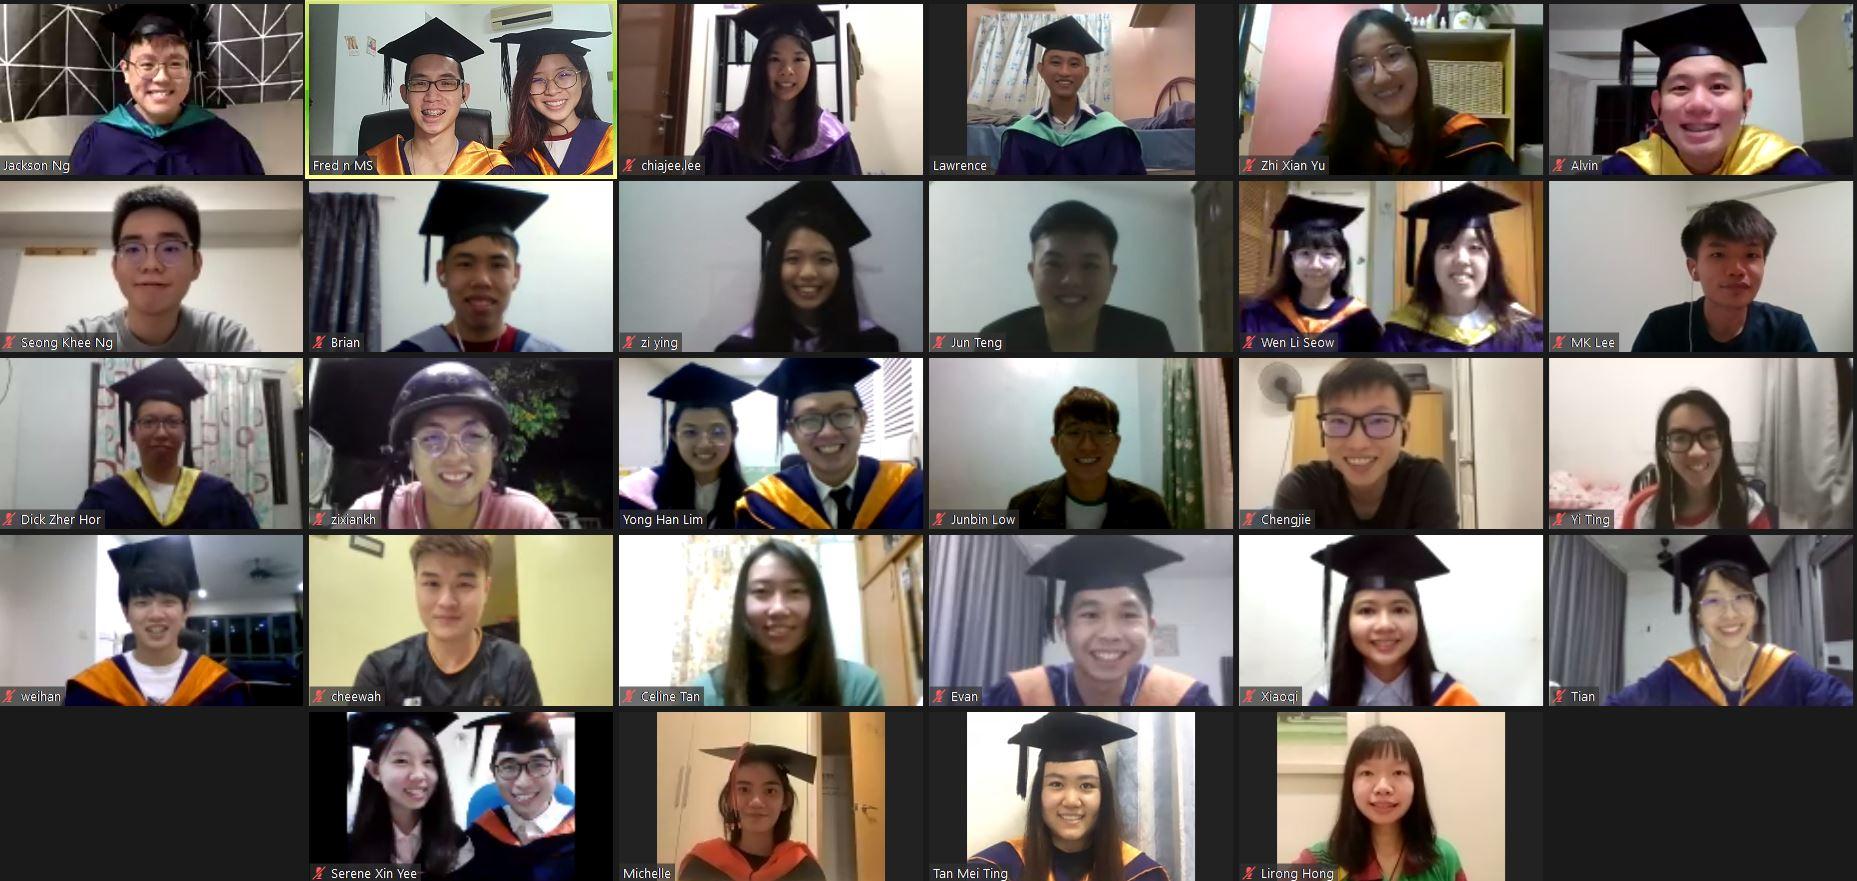 因疫情关系毕业典礼再度延迟,马大毕业生「齐戴毕业帽」视频通话相聚!